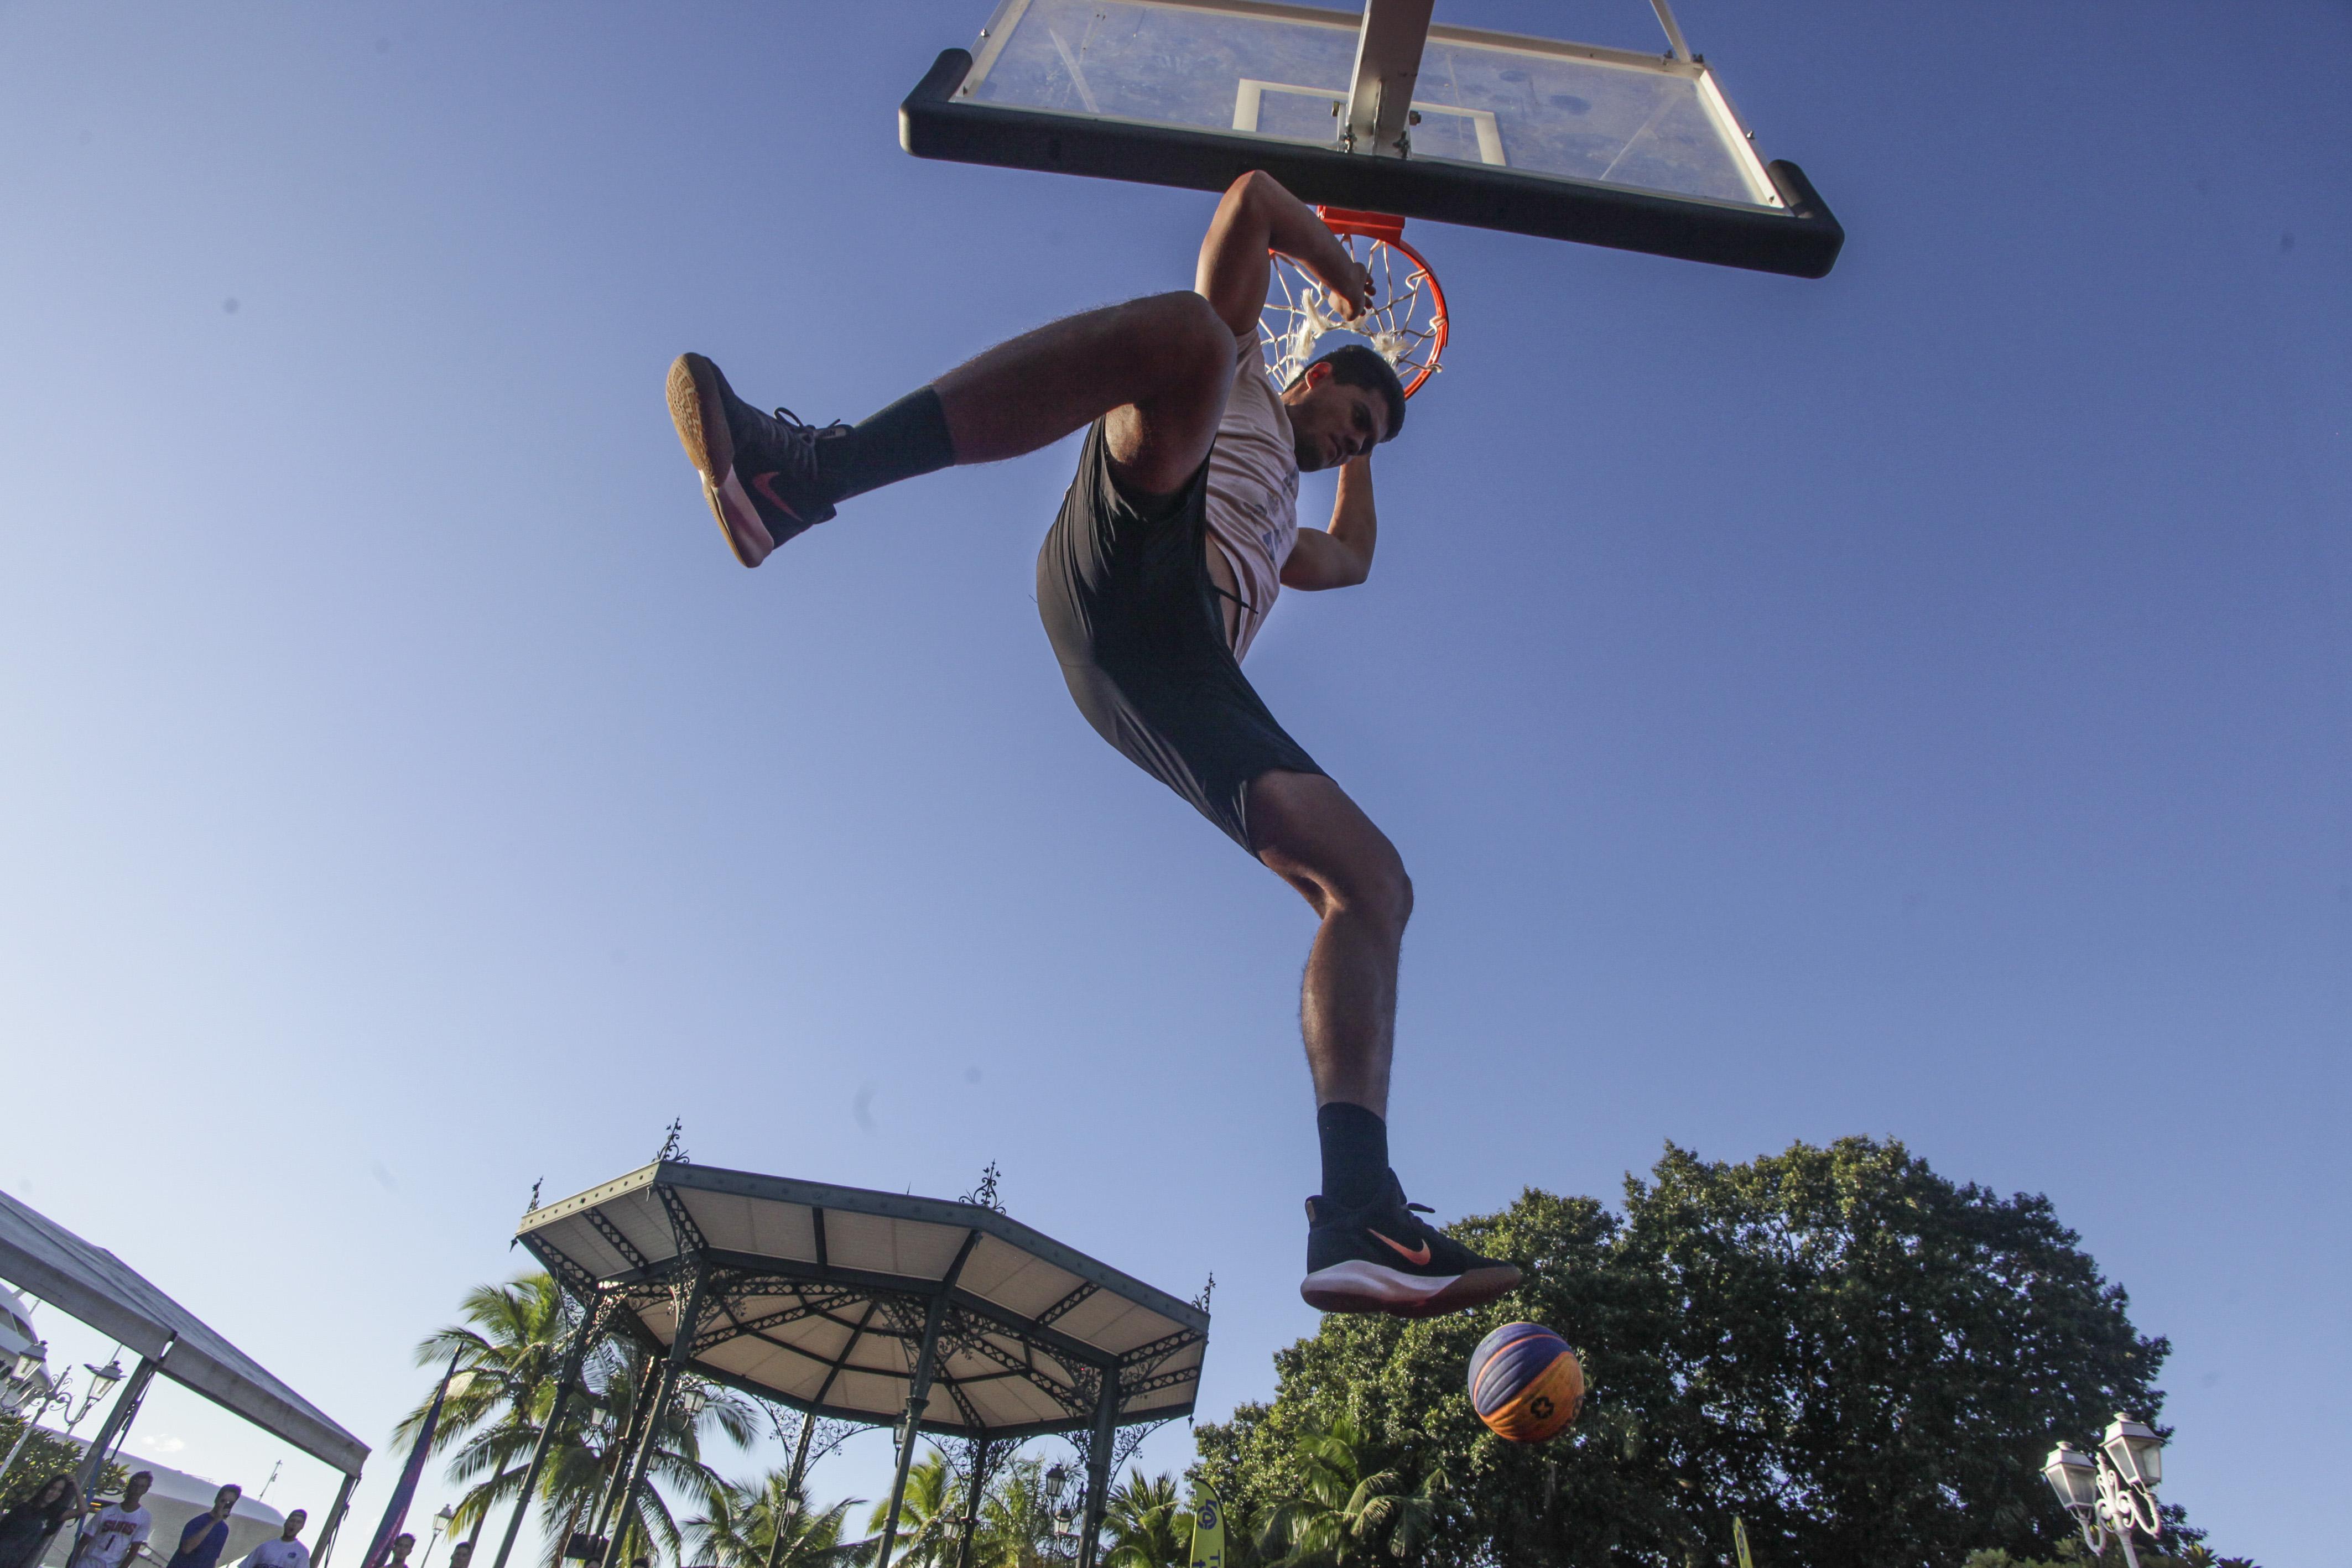 Un concours de dunk était également au programme de la journée.